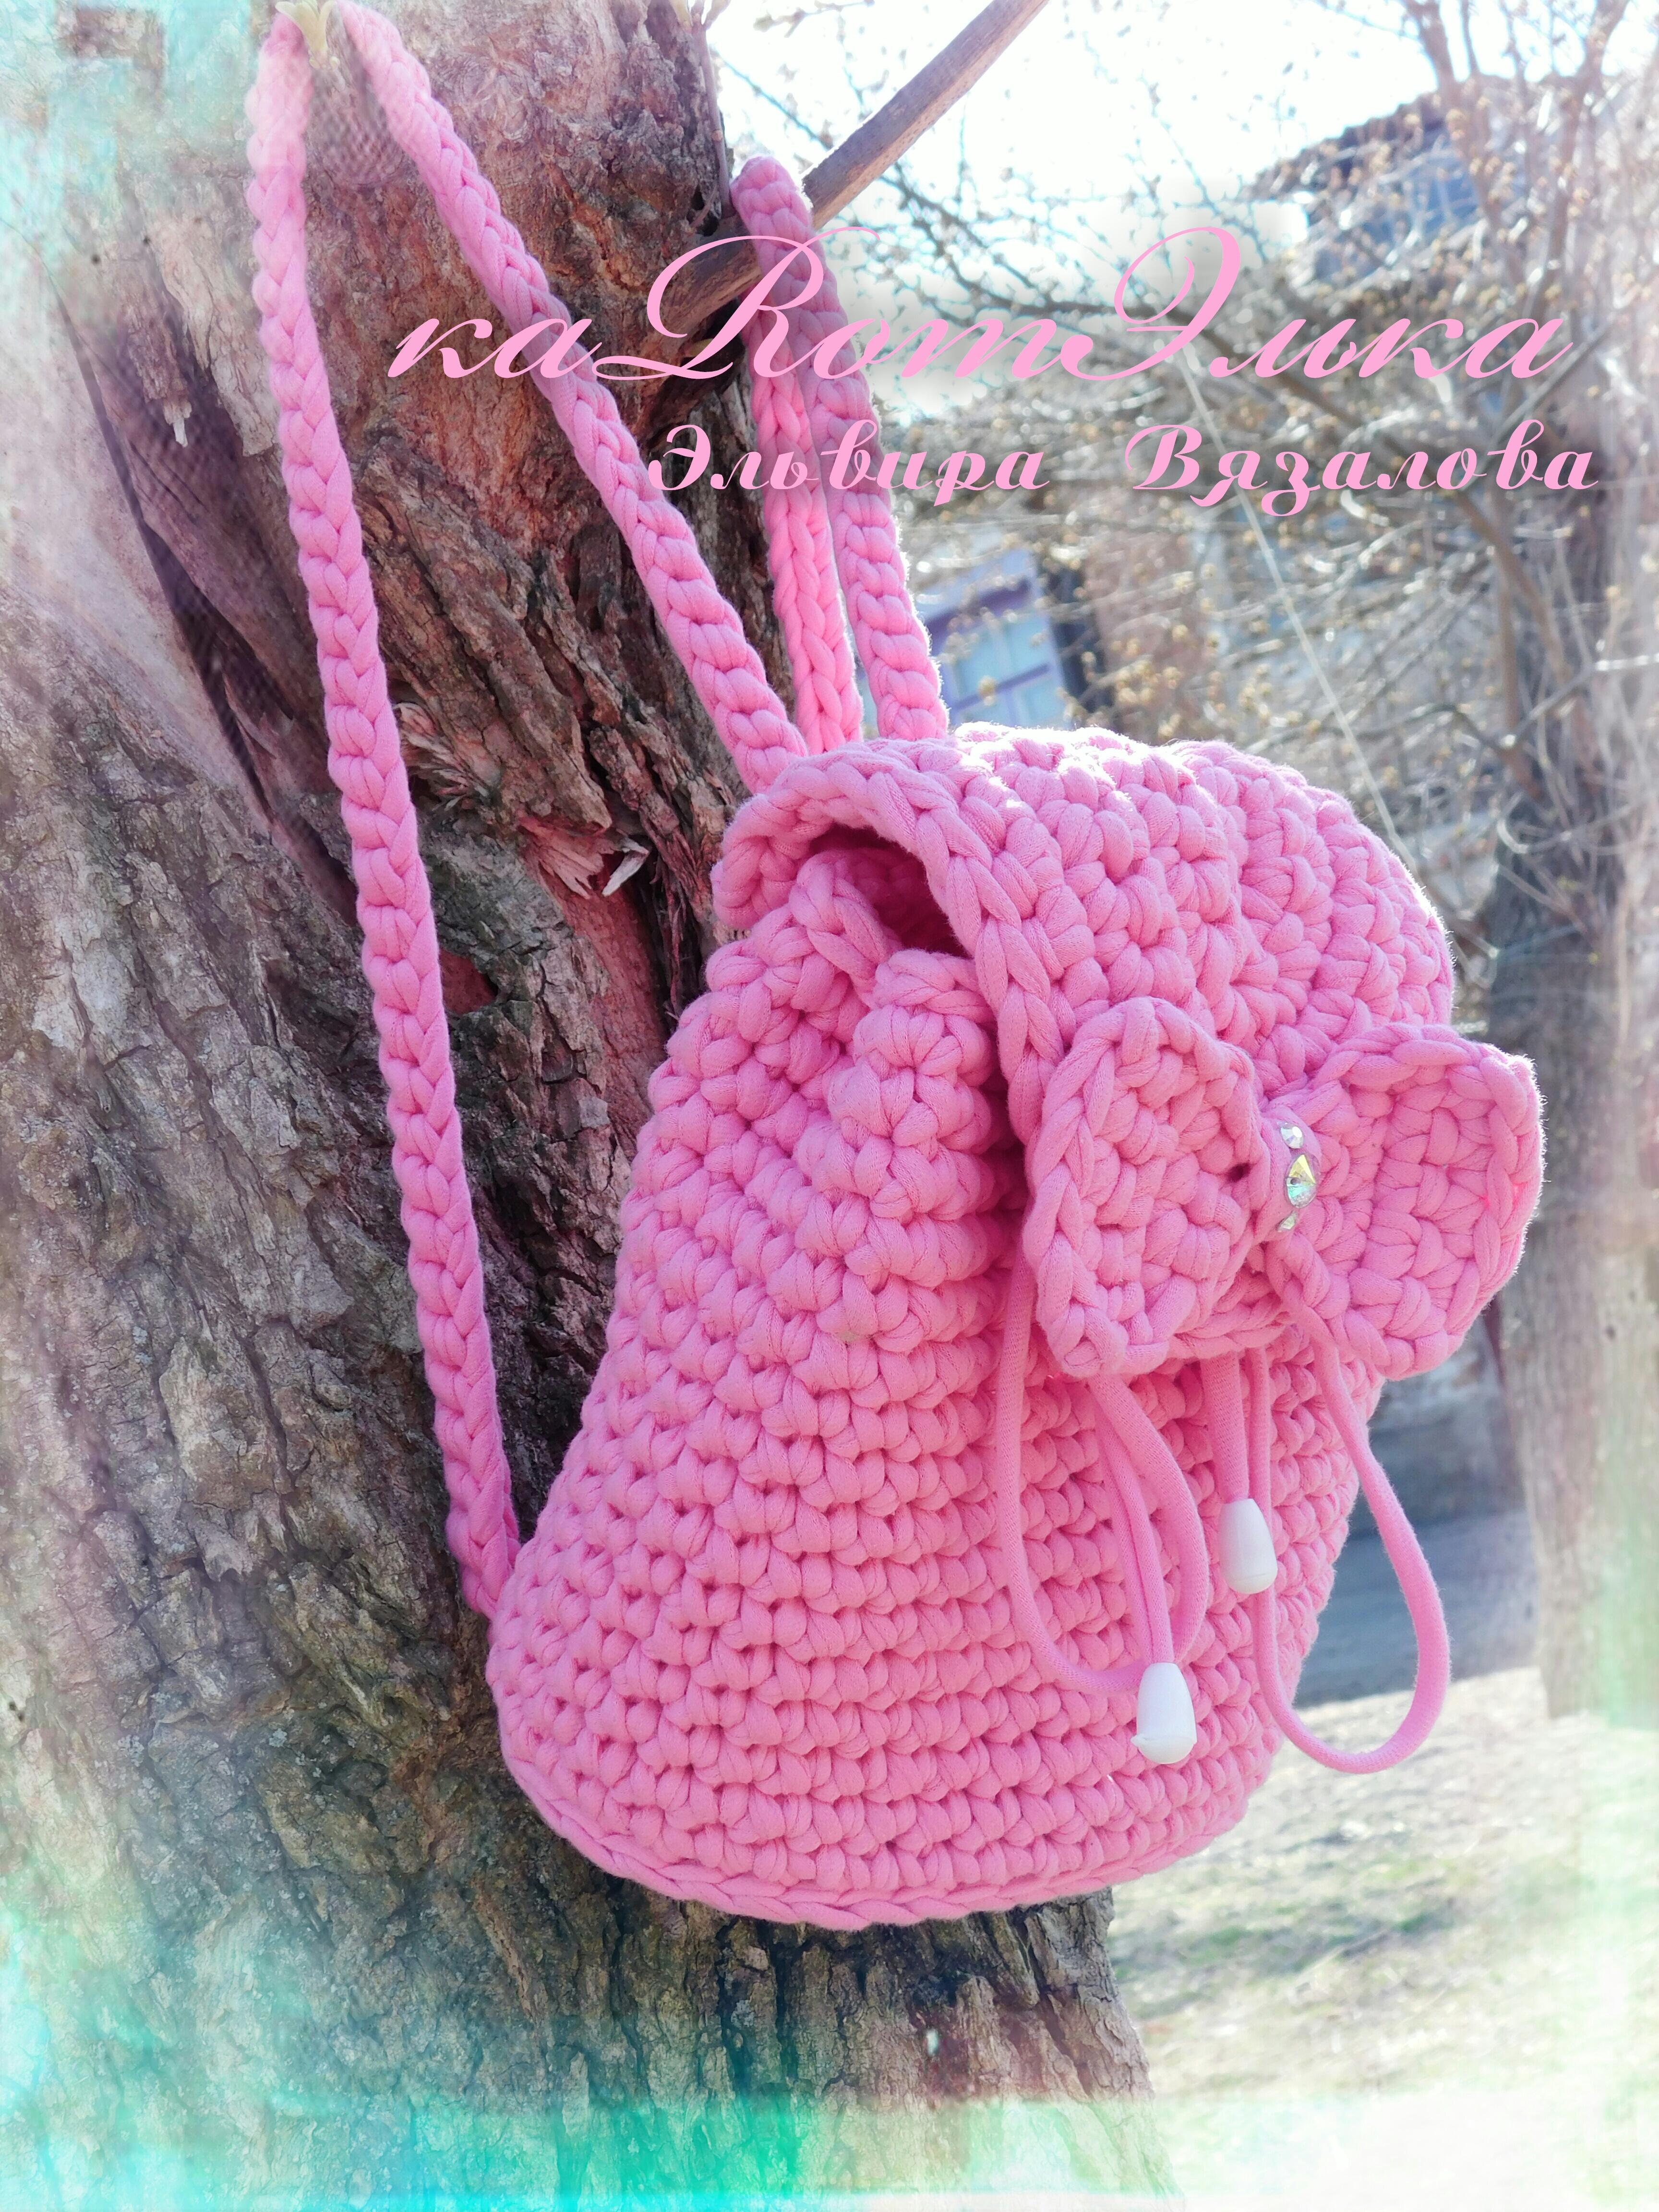 Связать детский рюкзак крючком схемы разница абакана v 1 от v 2 рюкзак